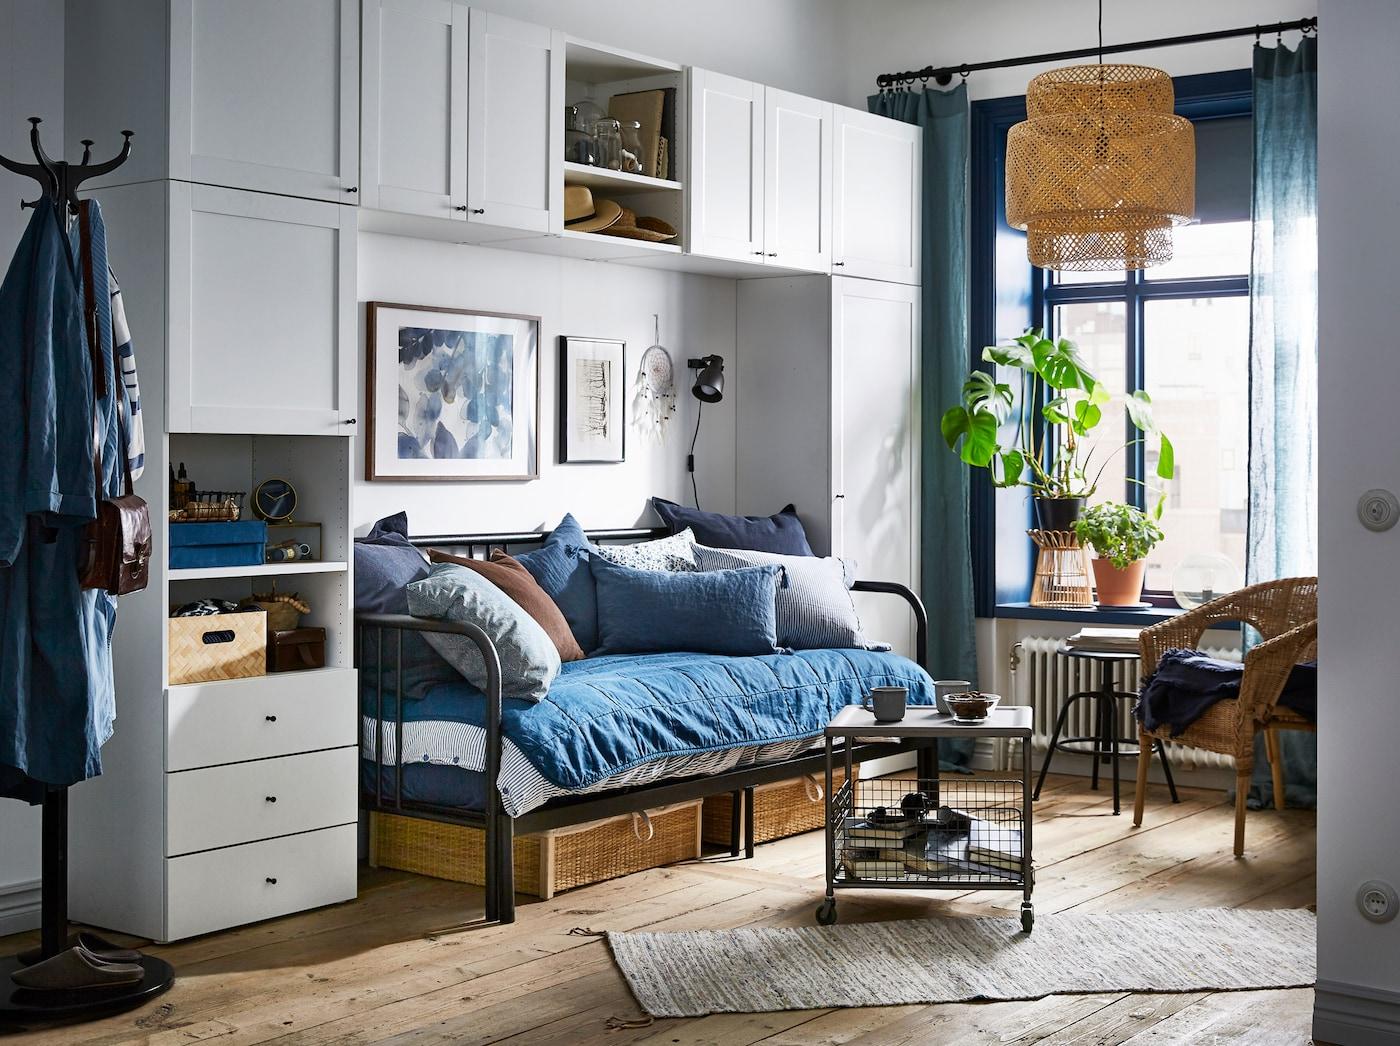 Kleines Apartment in Blau-weiß mit PLATSA Kleiderschrank, der um einen Wohnbereich herumarrangiert ist